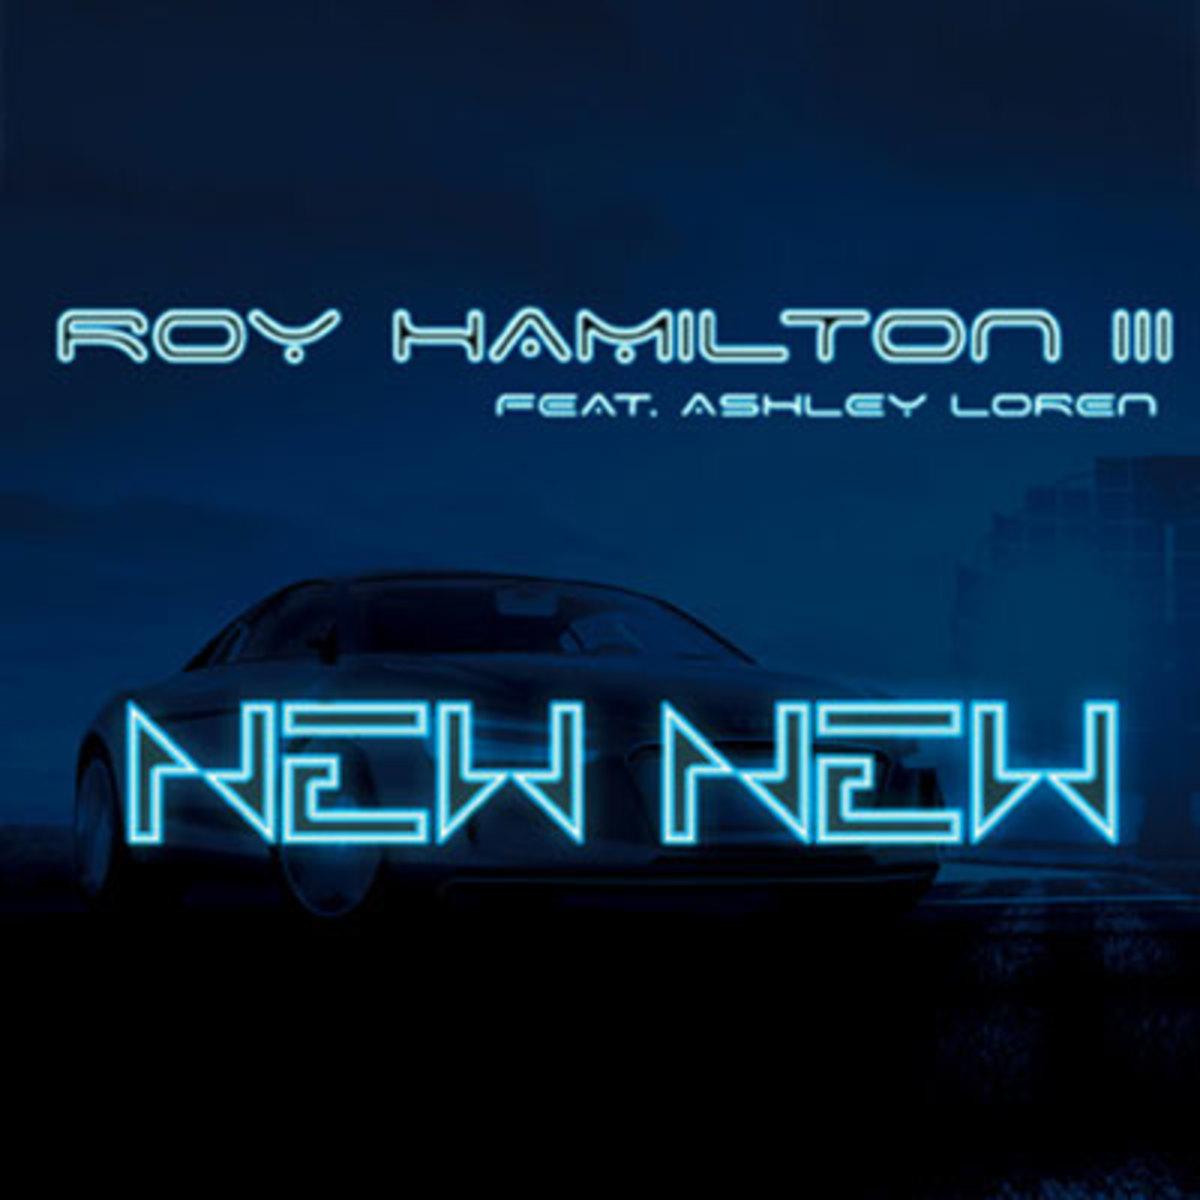 royhamilton-newnew.jpg